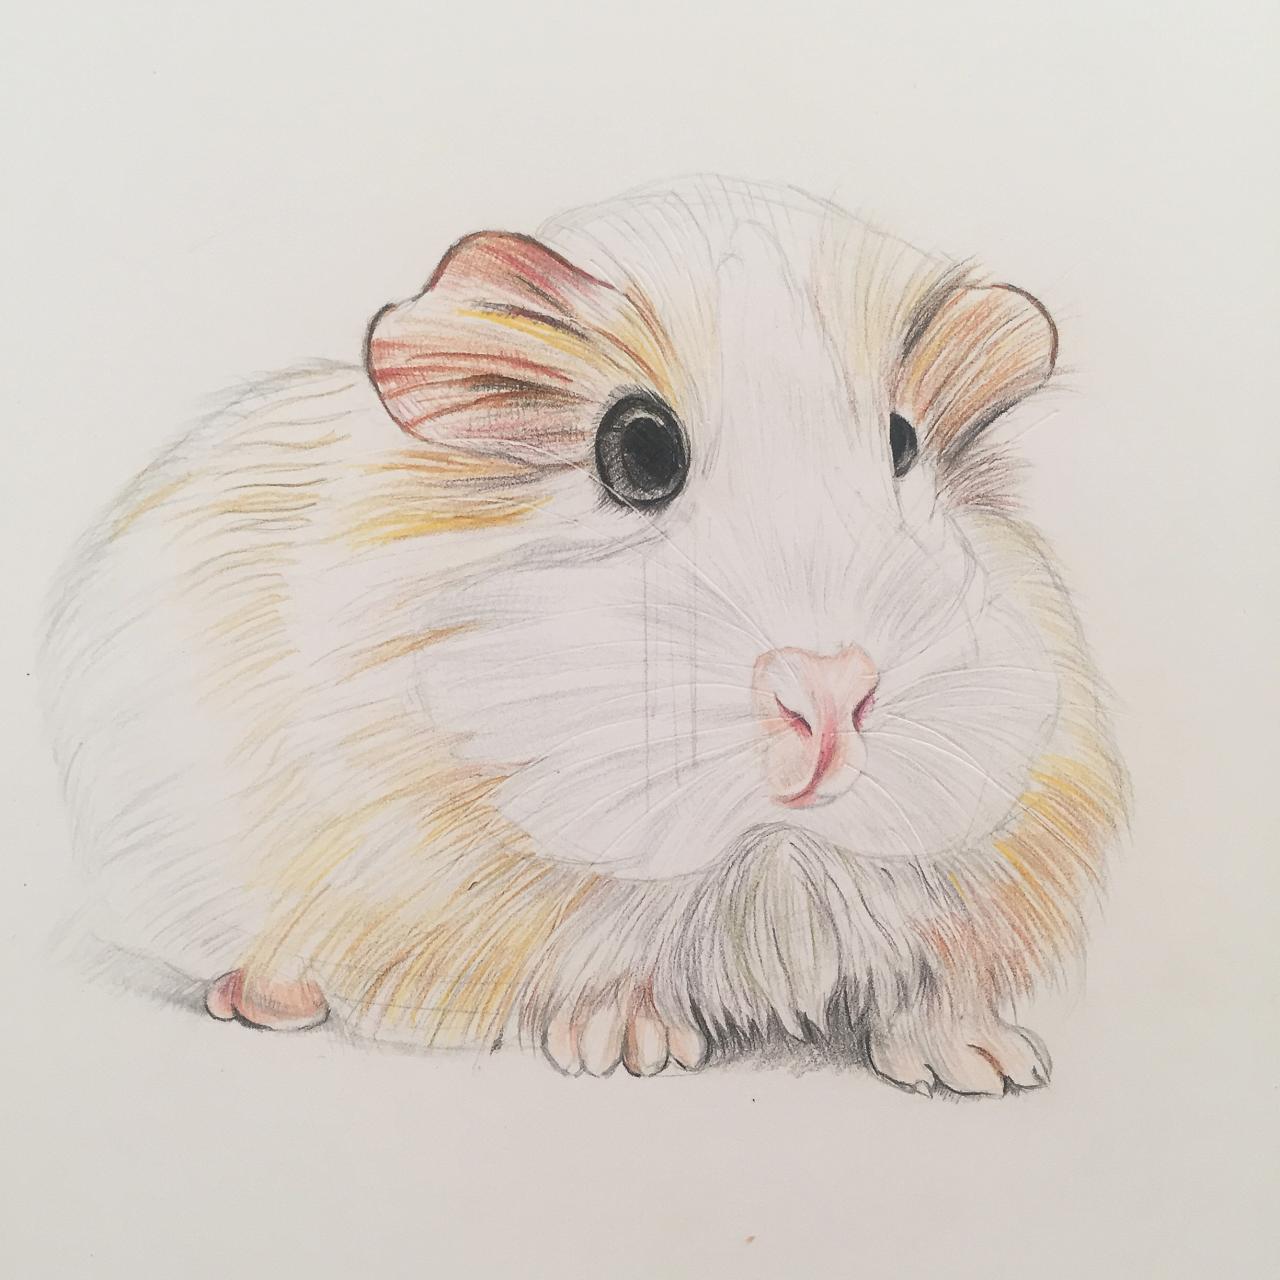 手绘彩铅动物系列|插画|涂鸦/潮流|儒雅的洛洛 - 原创